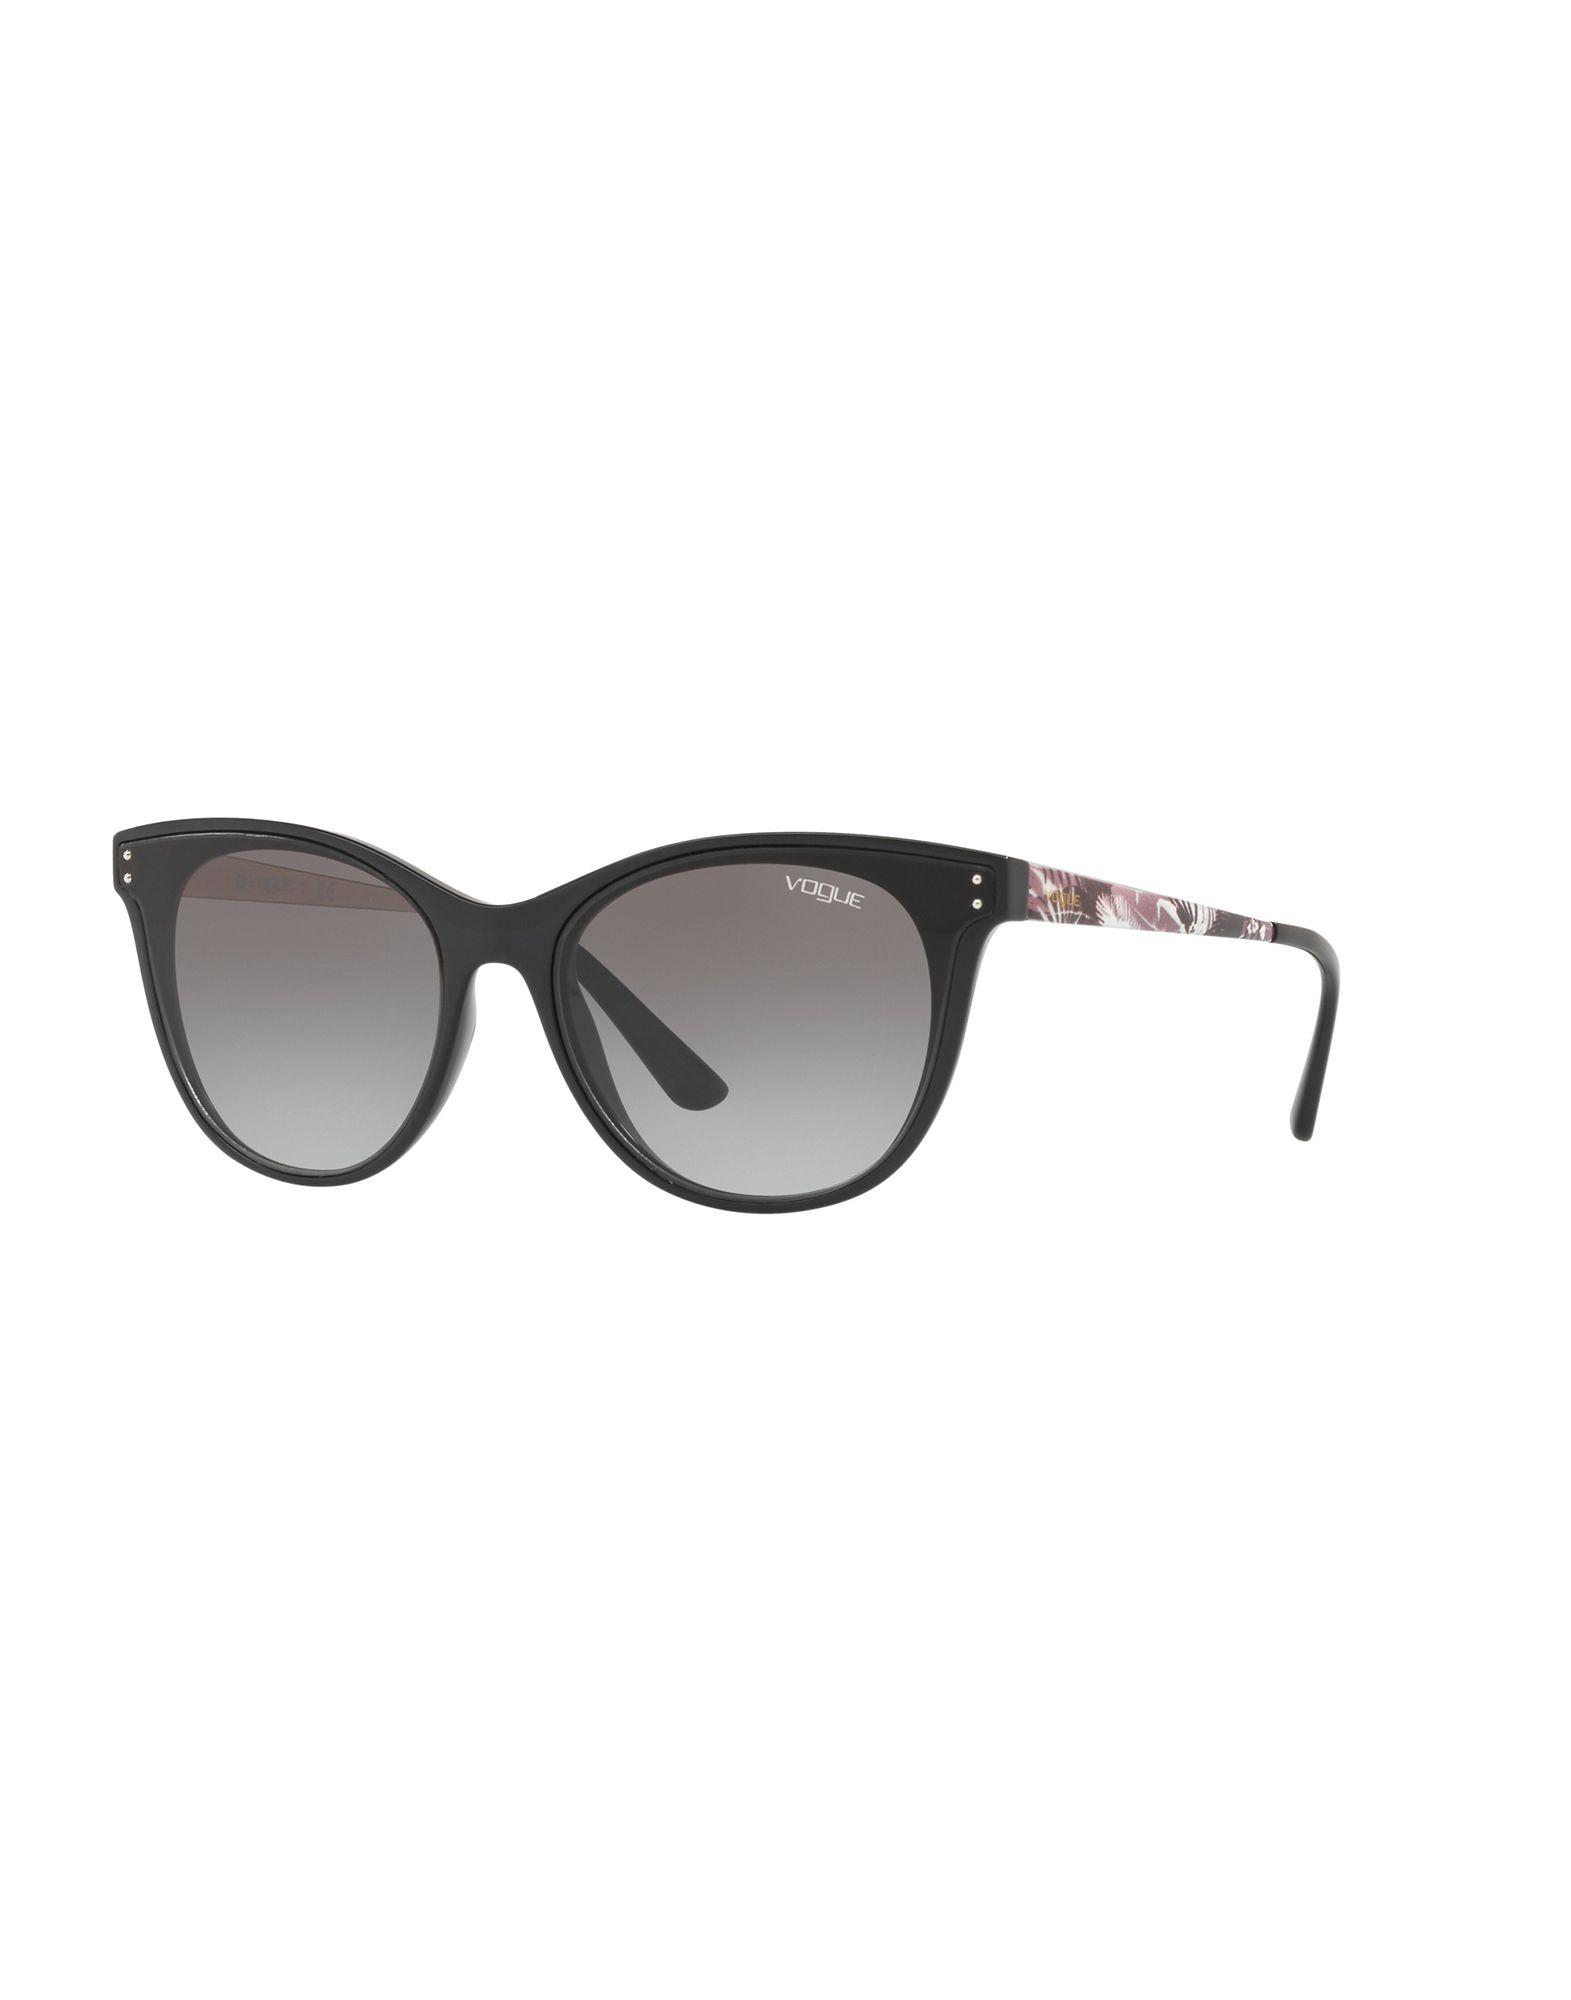 Occhiali Da Sole Vogue Vo5205s - Donna - Acquista online su